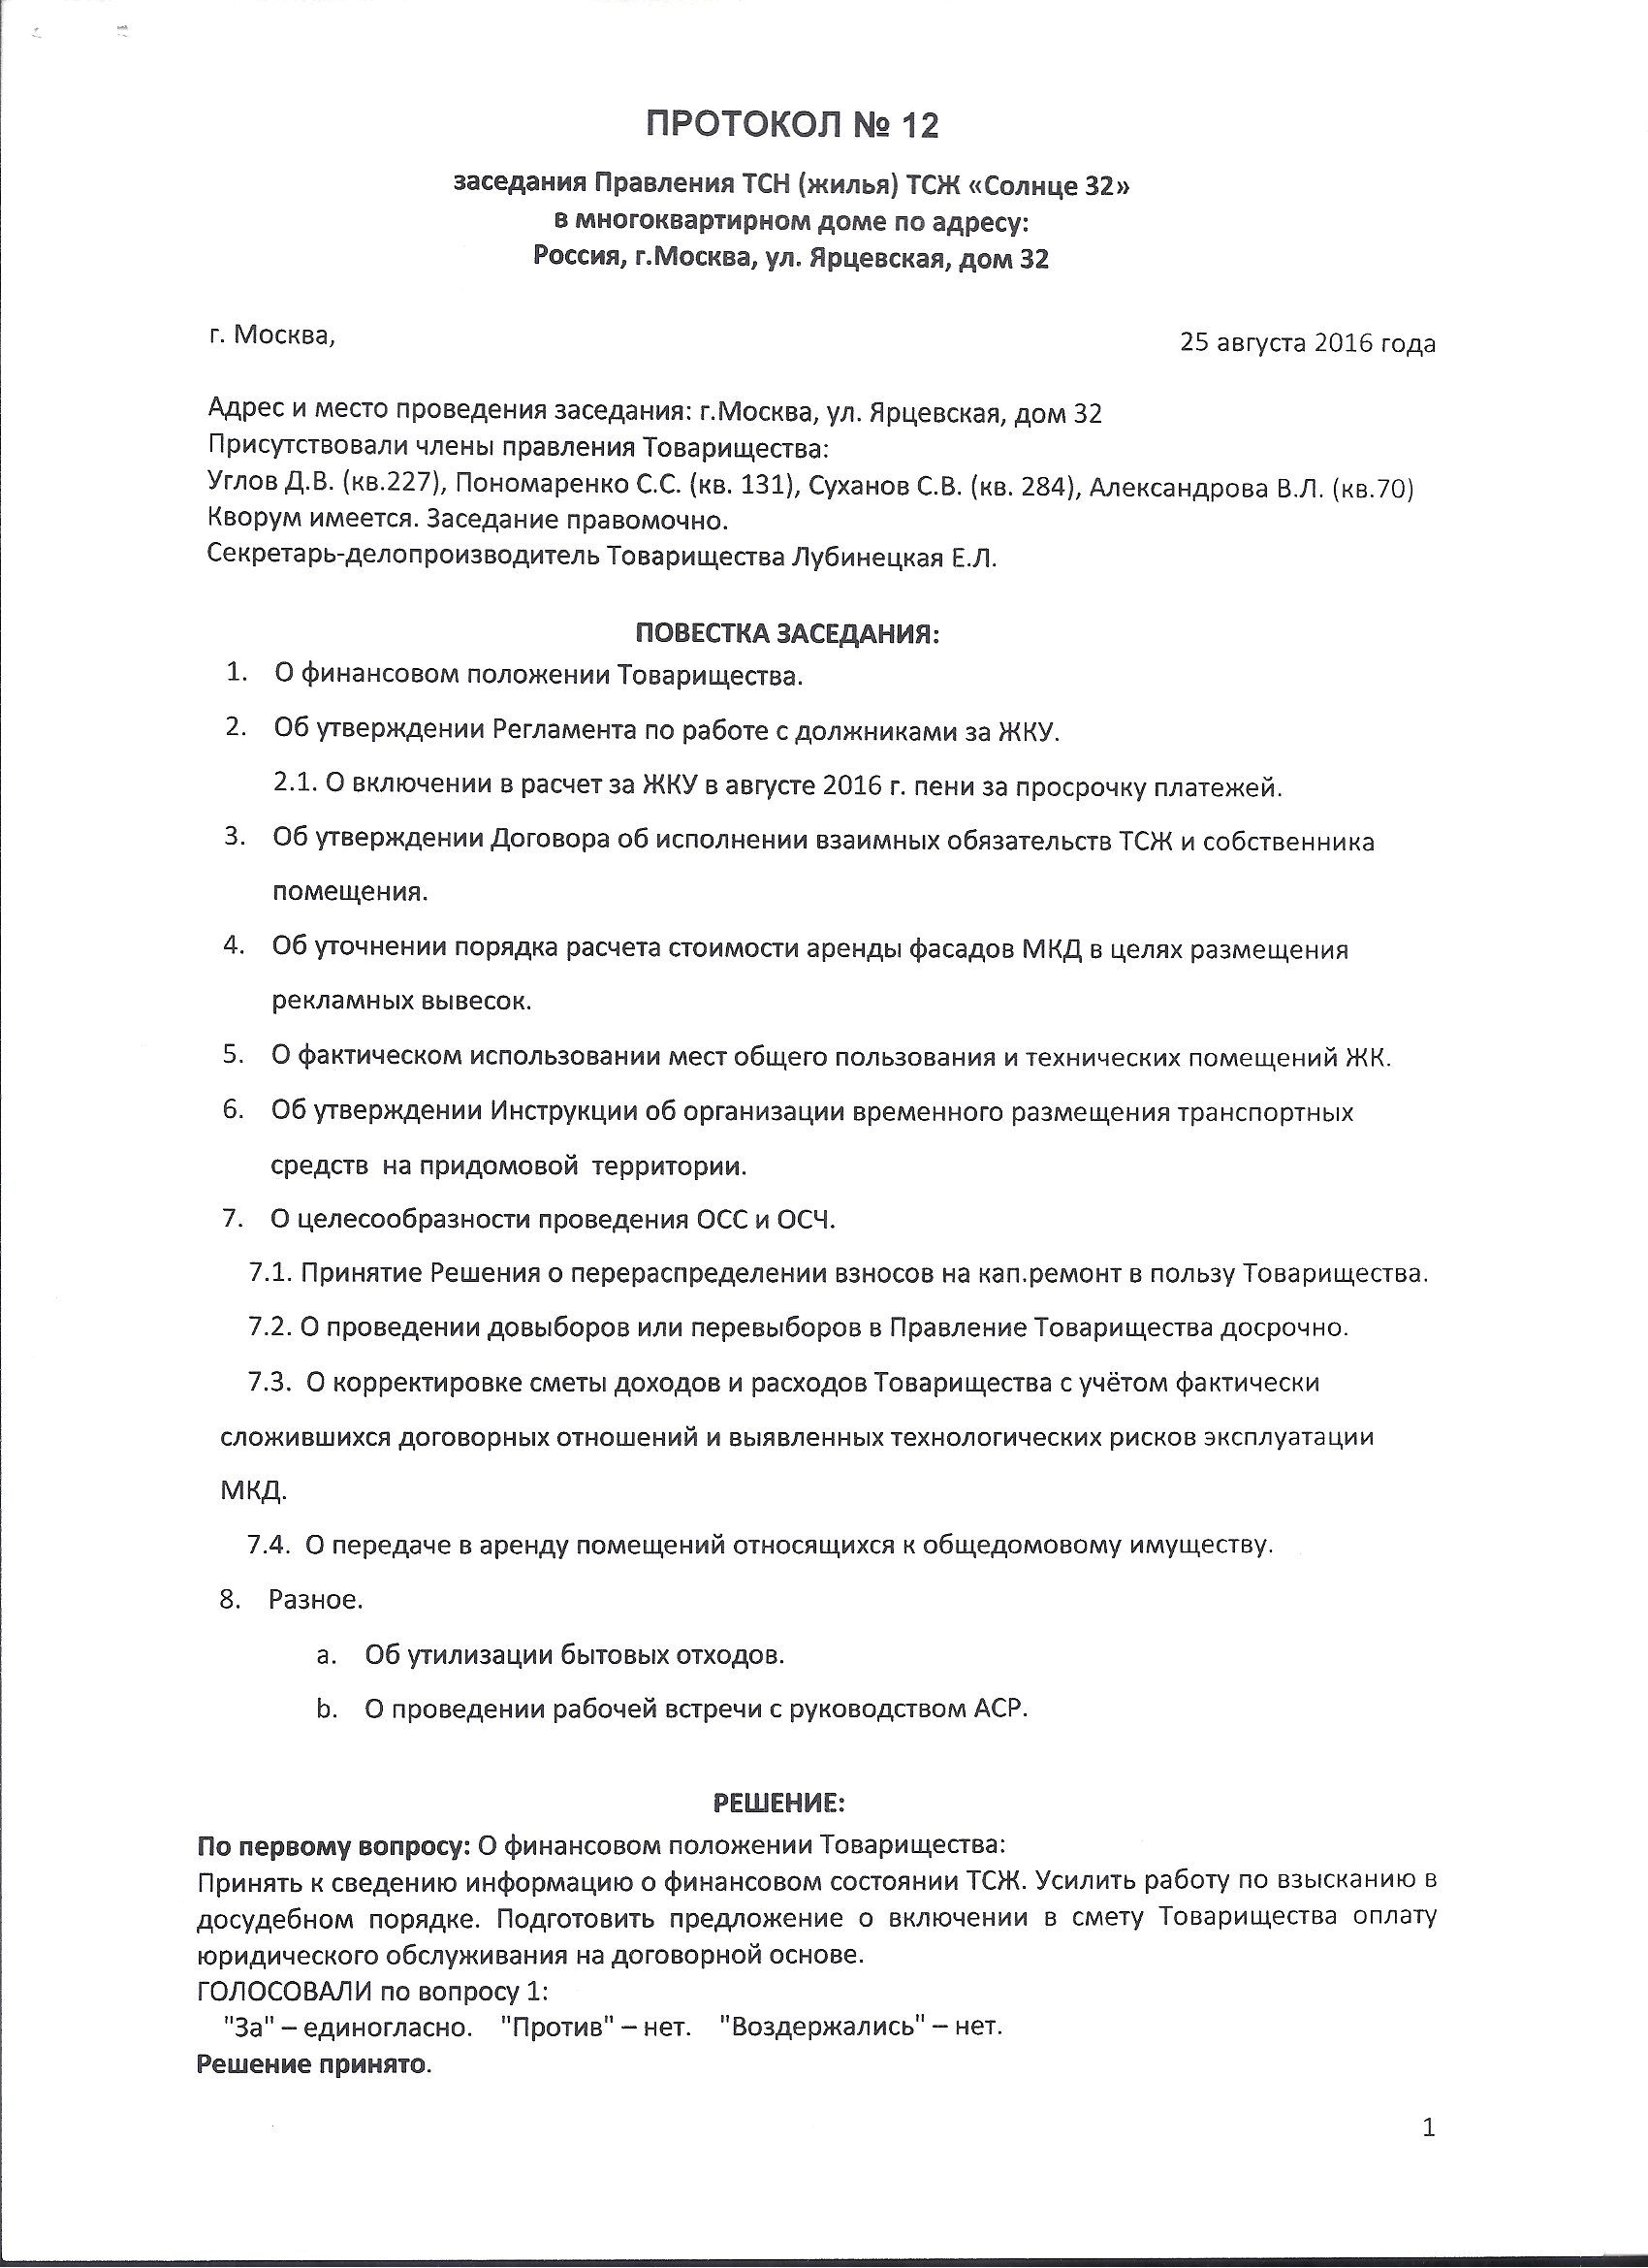 образец протокола заседания правления кооператива